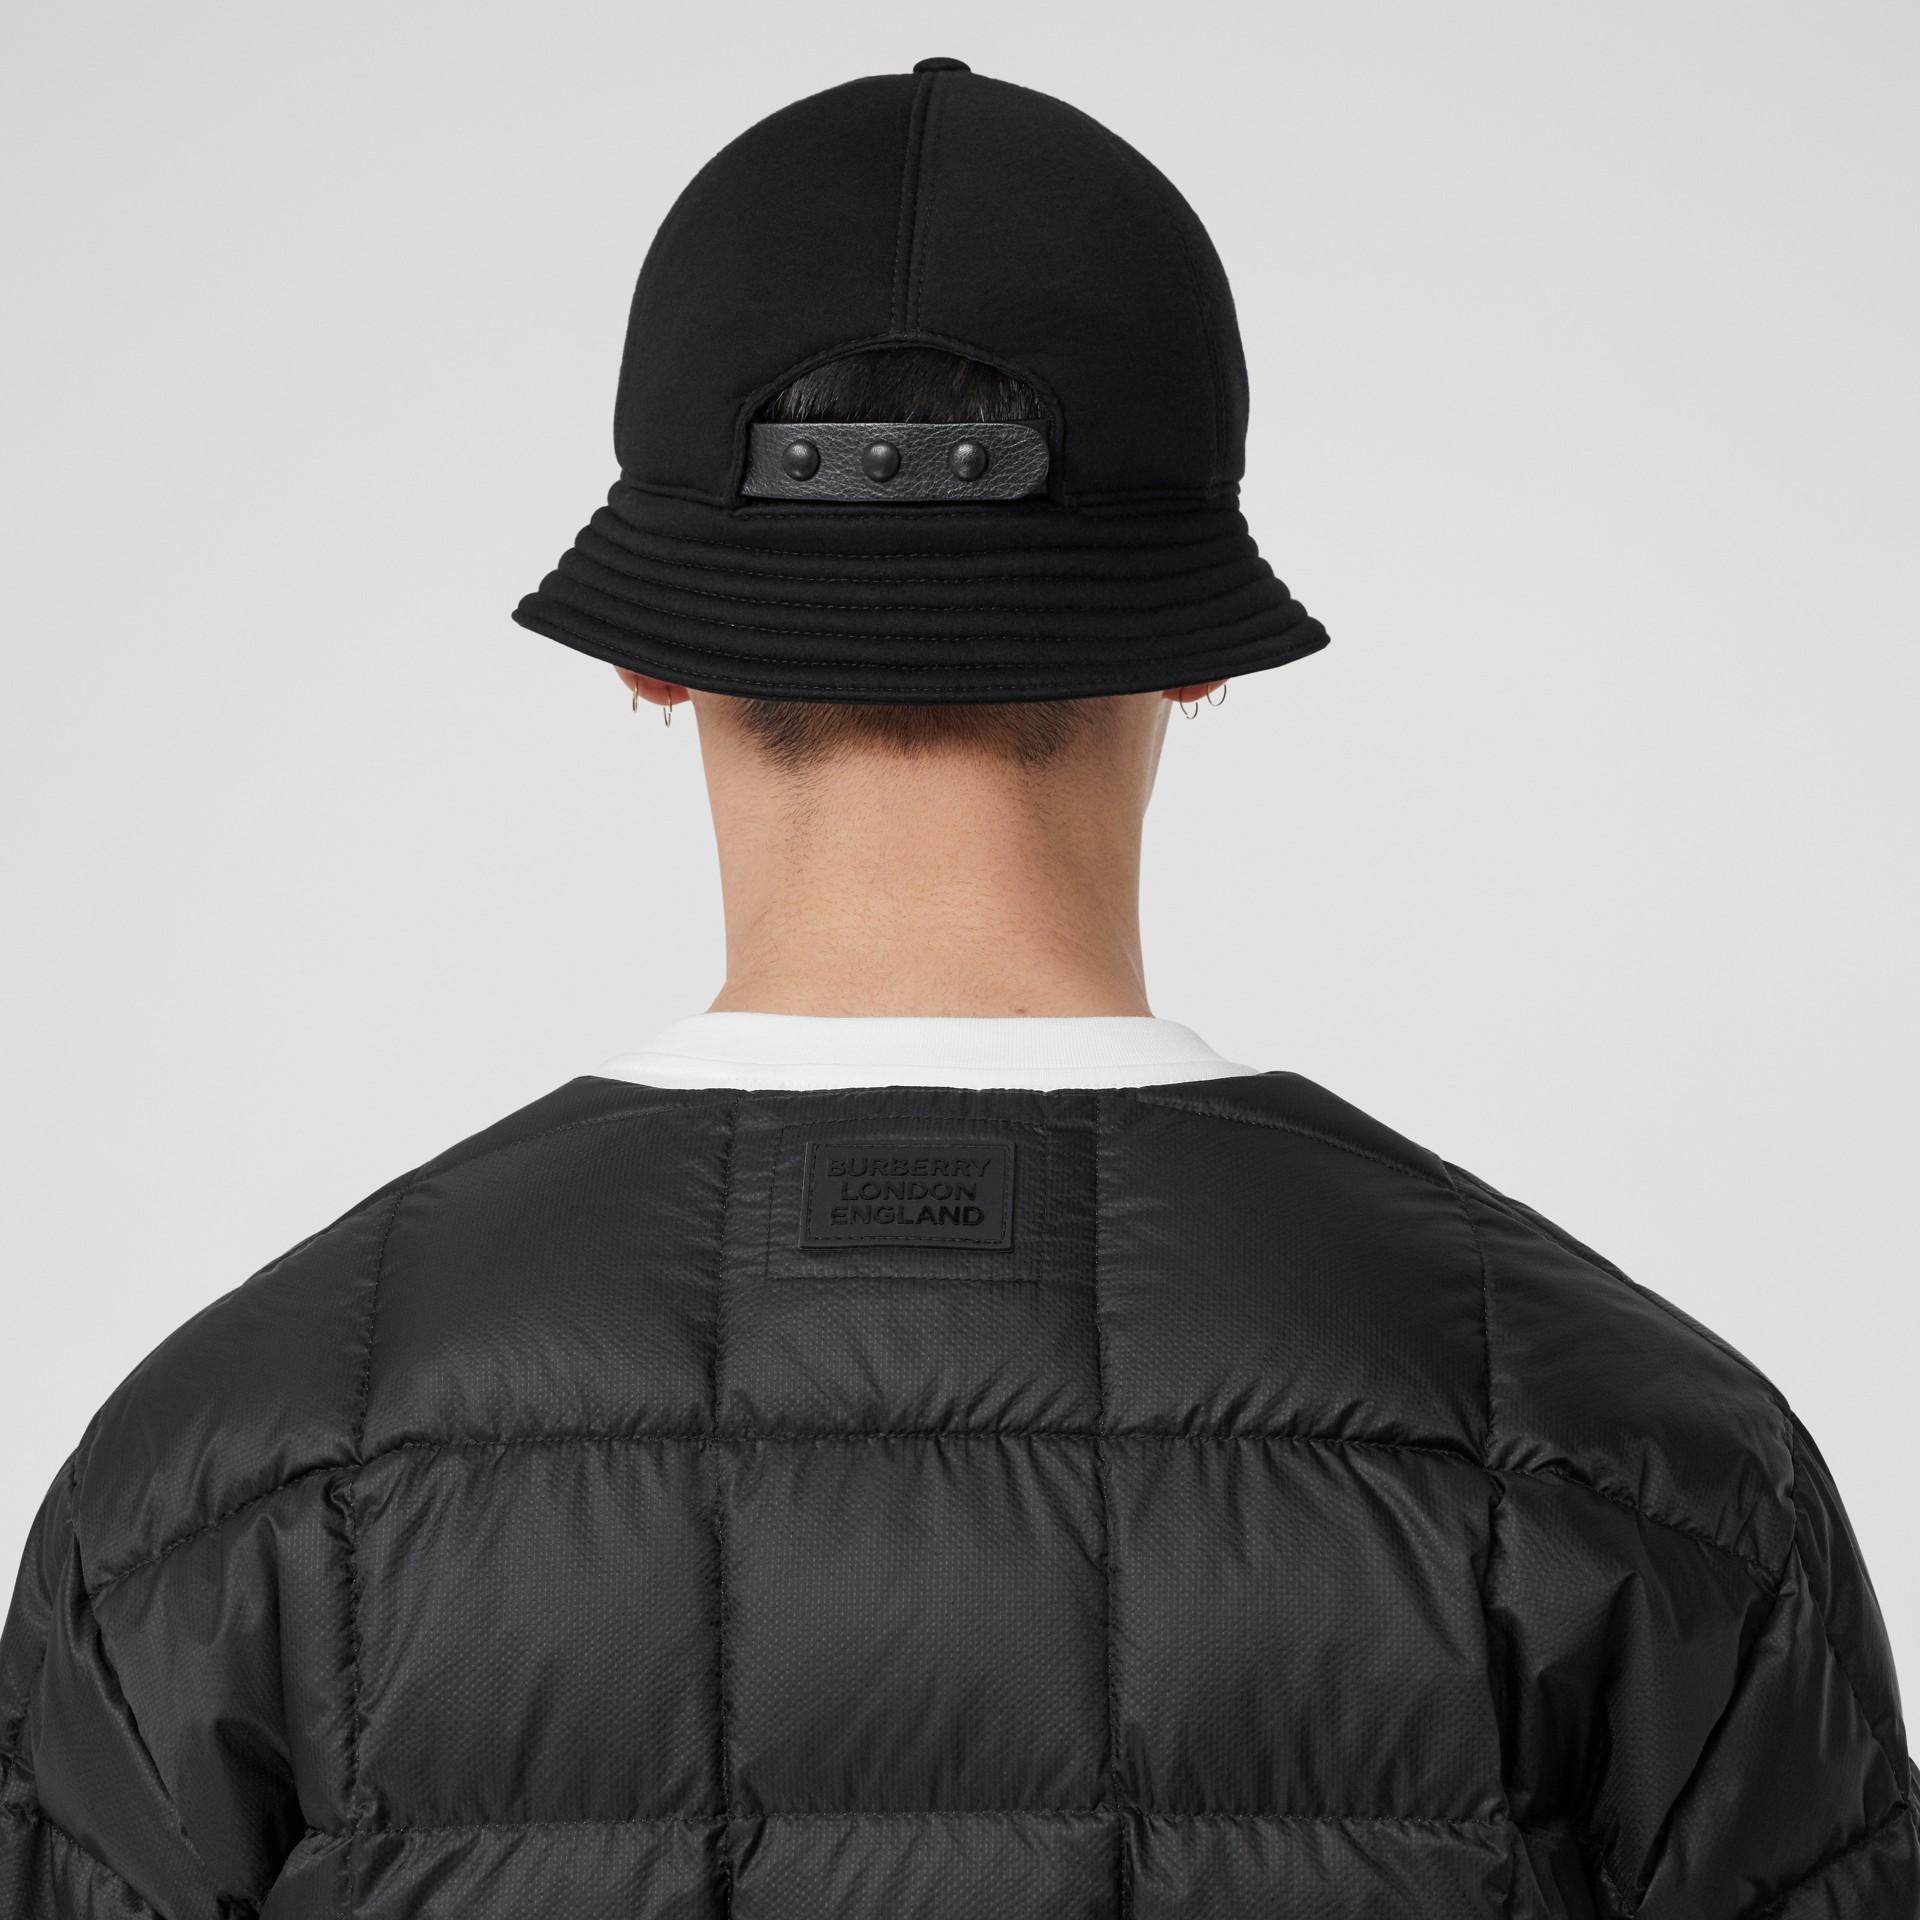 Veste en coton contrecollé avec gilet intérieur amovible (Noir) - Homme | Burberry - photo de la galerie 5